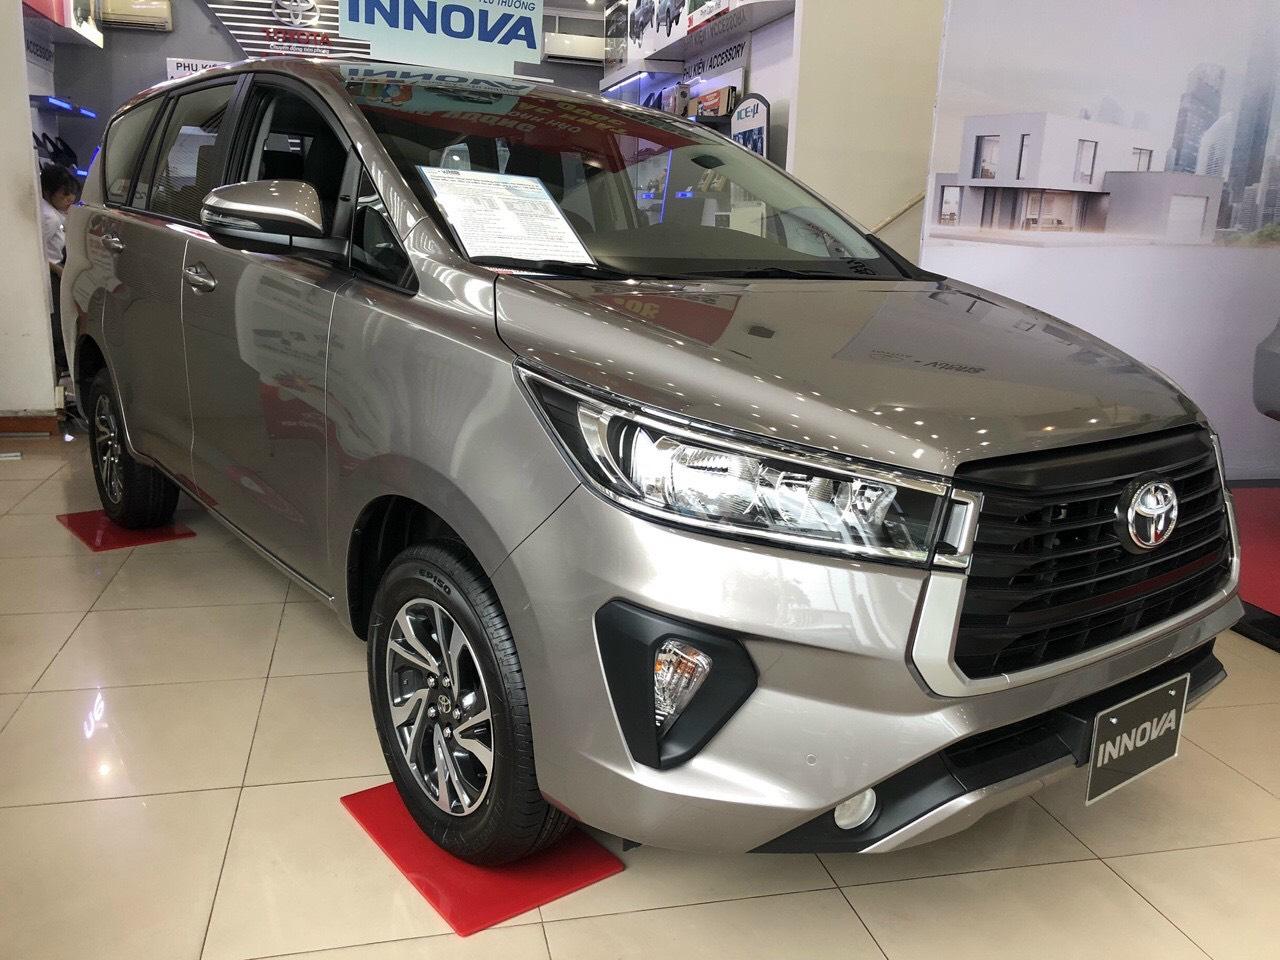 Cần bán xe Toyota Innova 2.0E đời 2021, màu bạc, giá 750tr